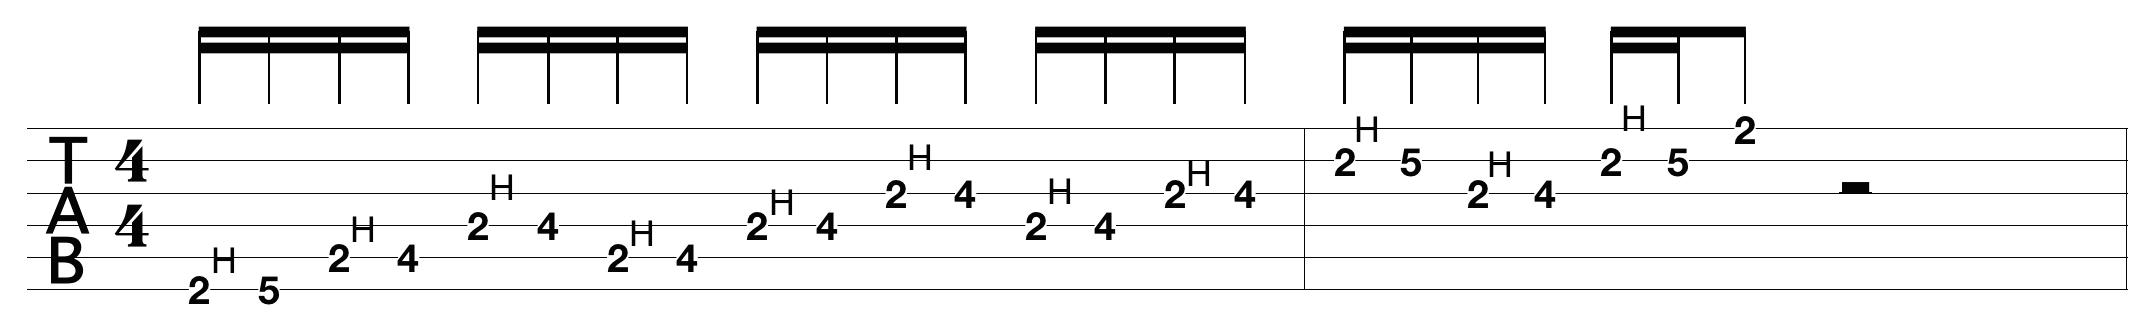 justin-guitar-scales_1.png